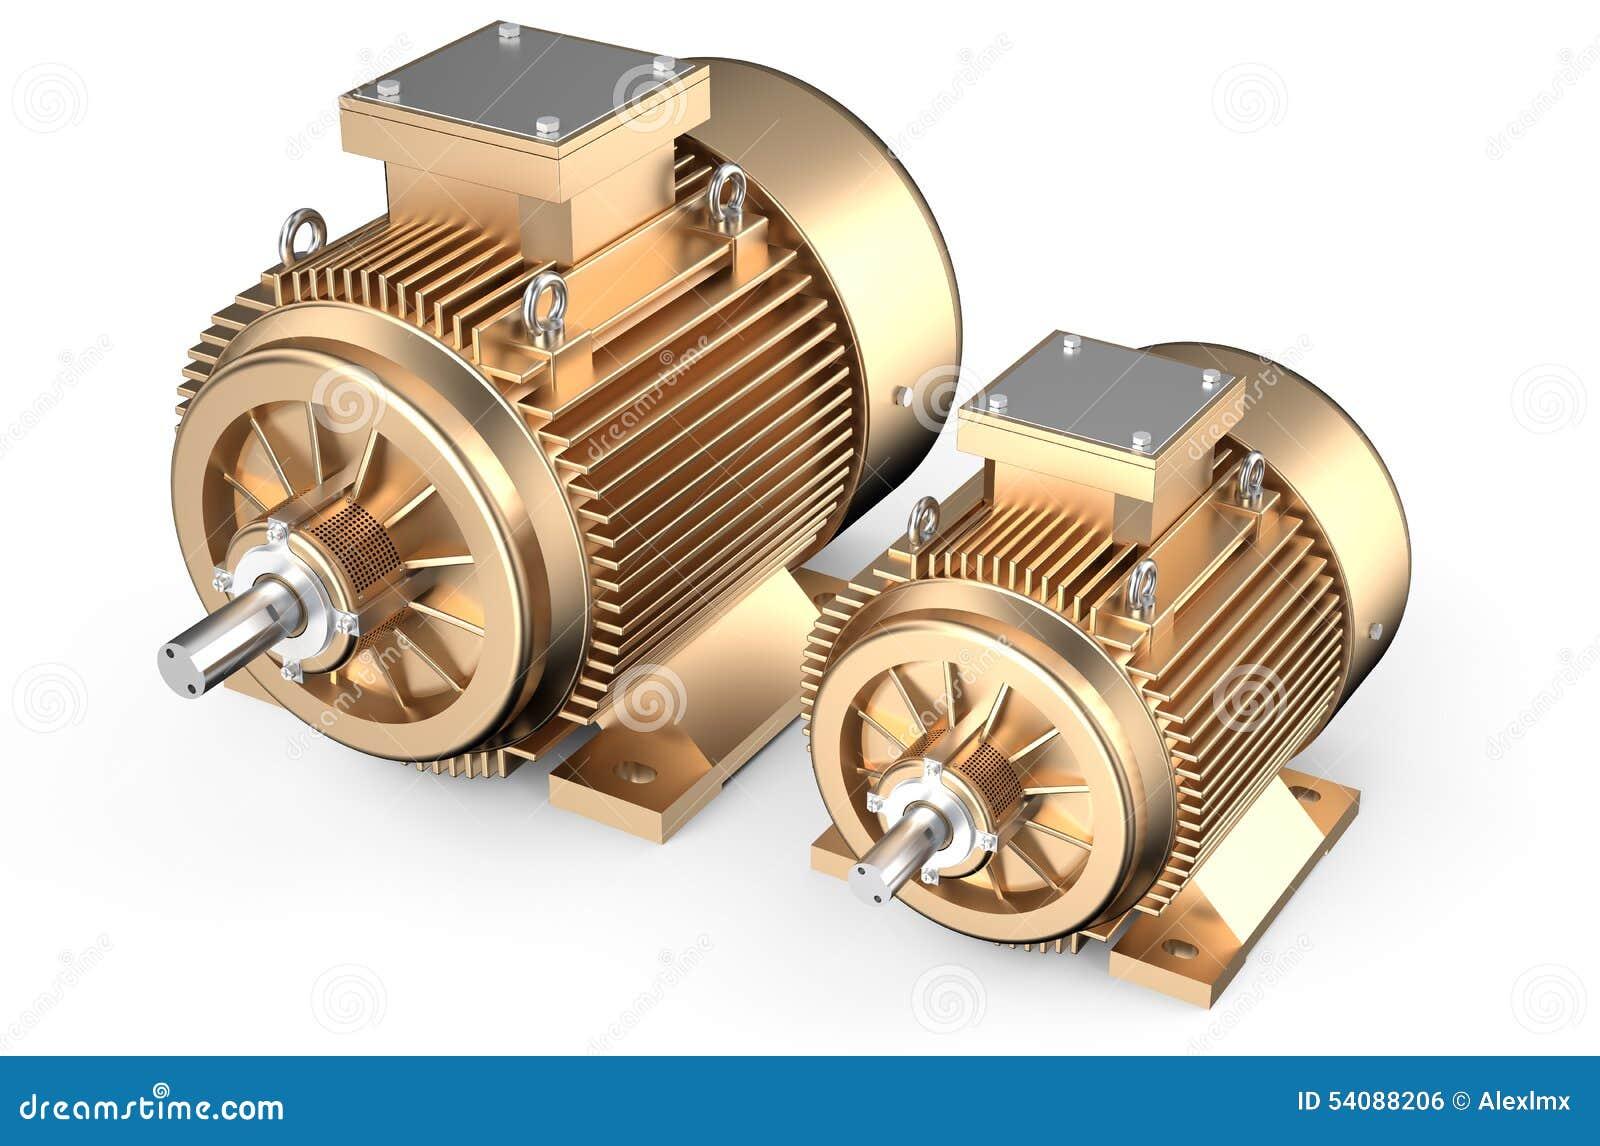 Brons industriële elektrische motoren